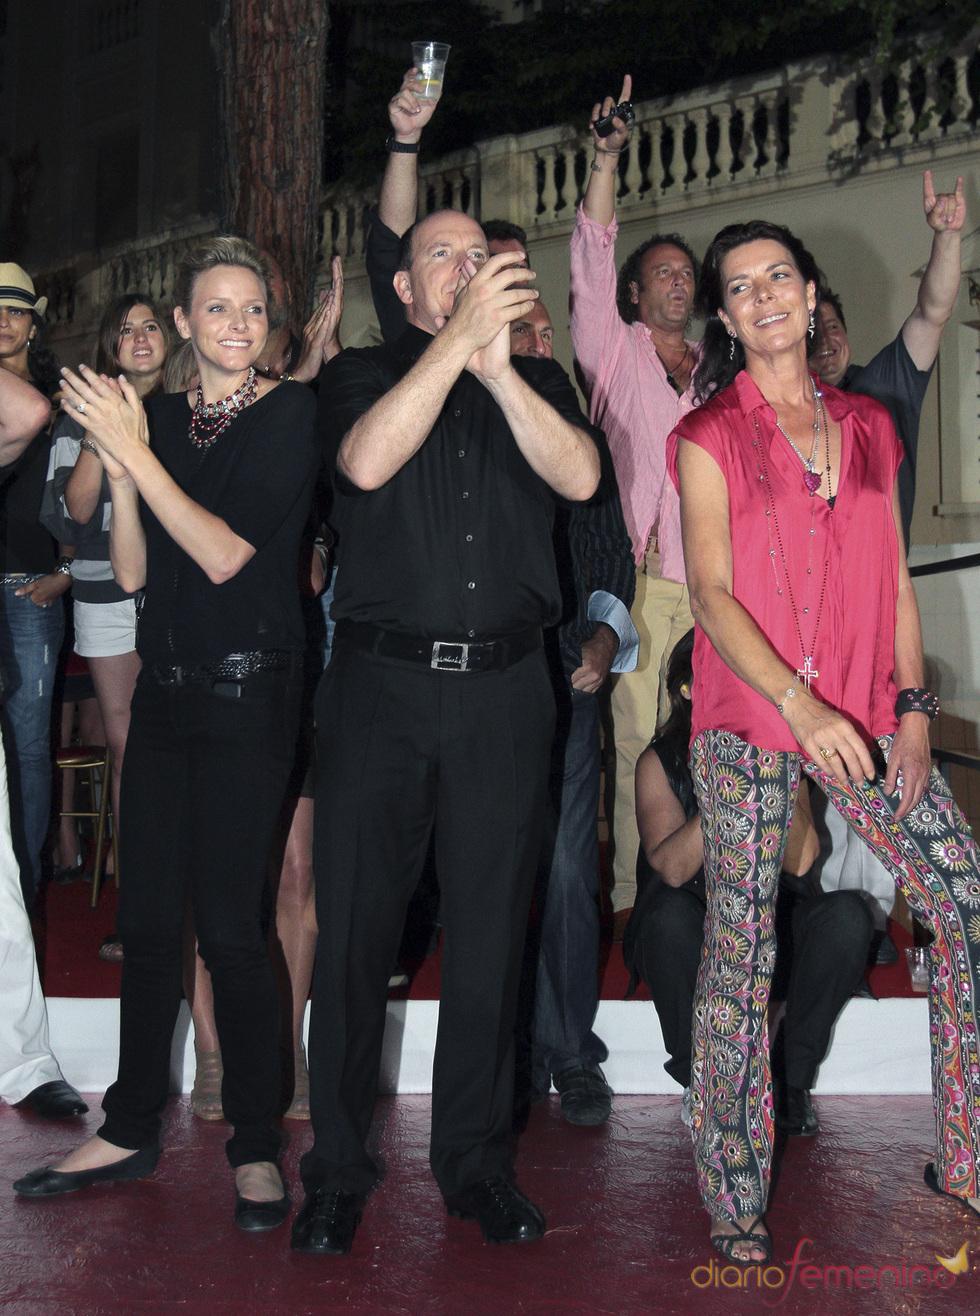 Estefanía, Alberto de Mónaco y Charlene Wittstock, de fiesta